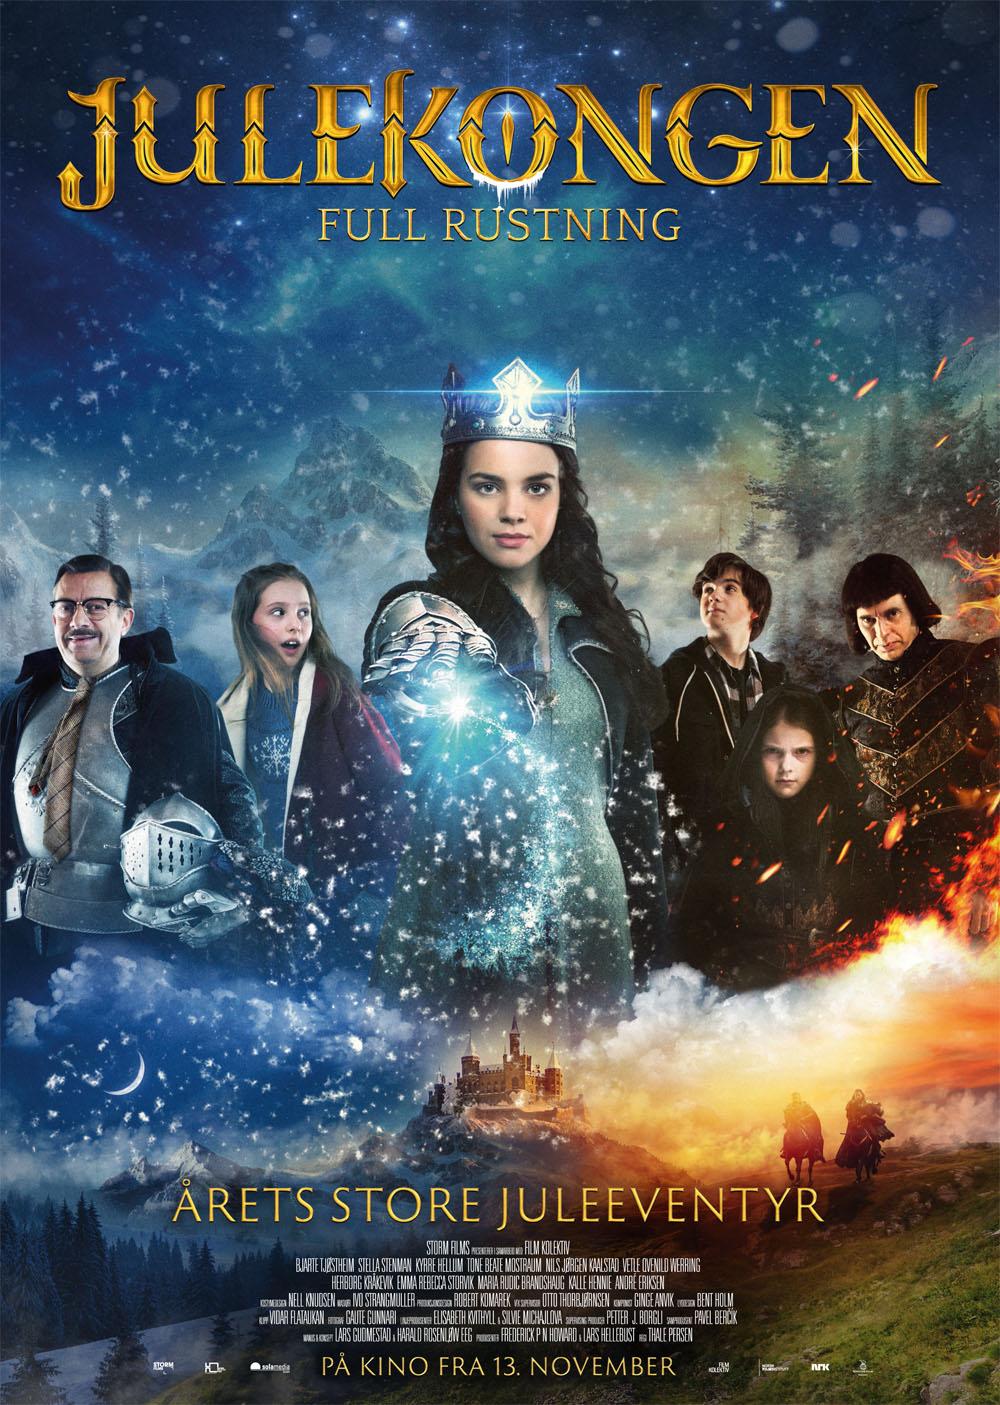 julekongen-full-rustning-plakat